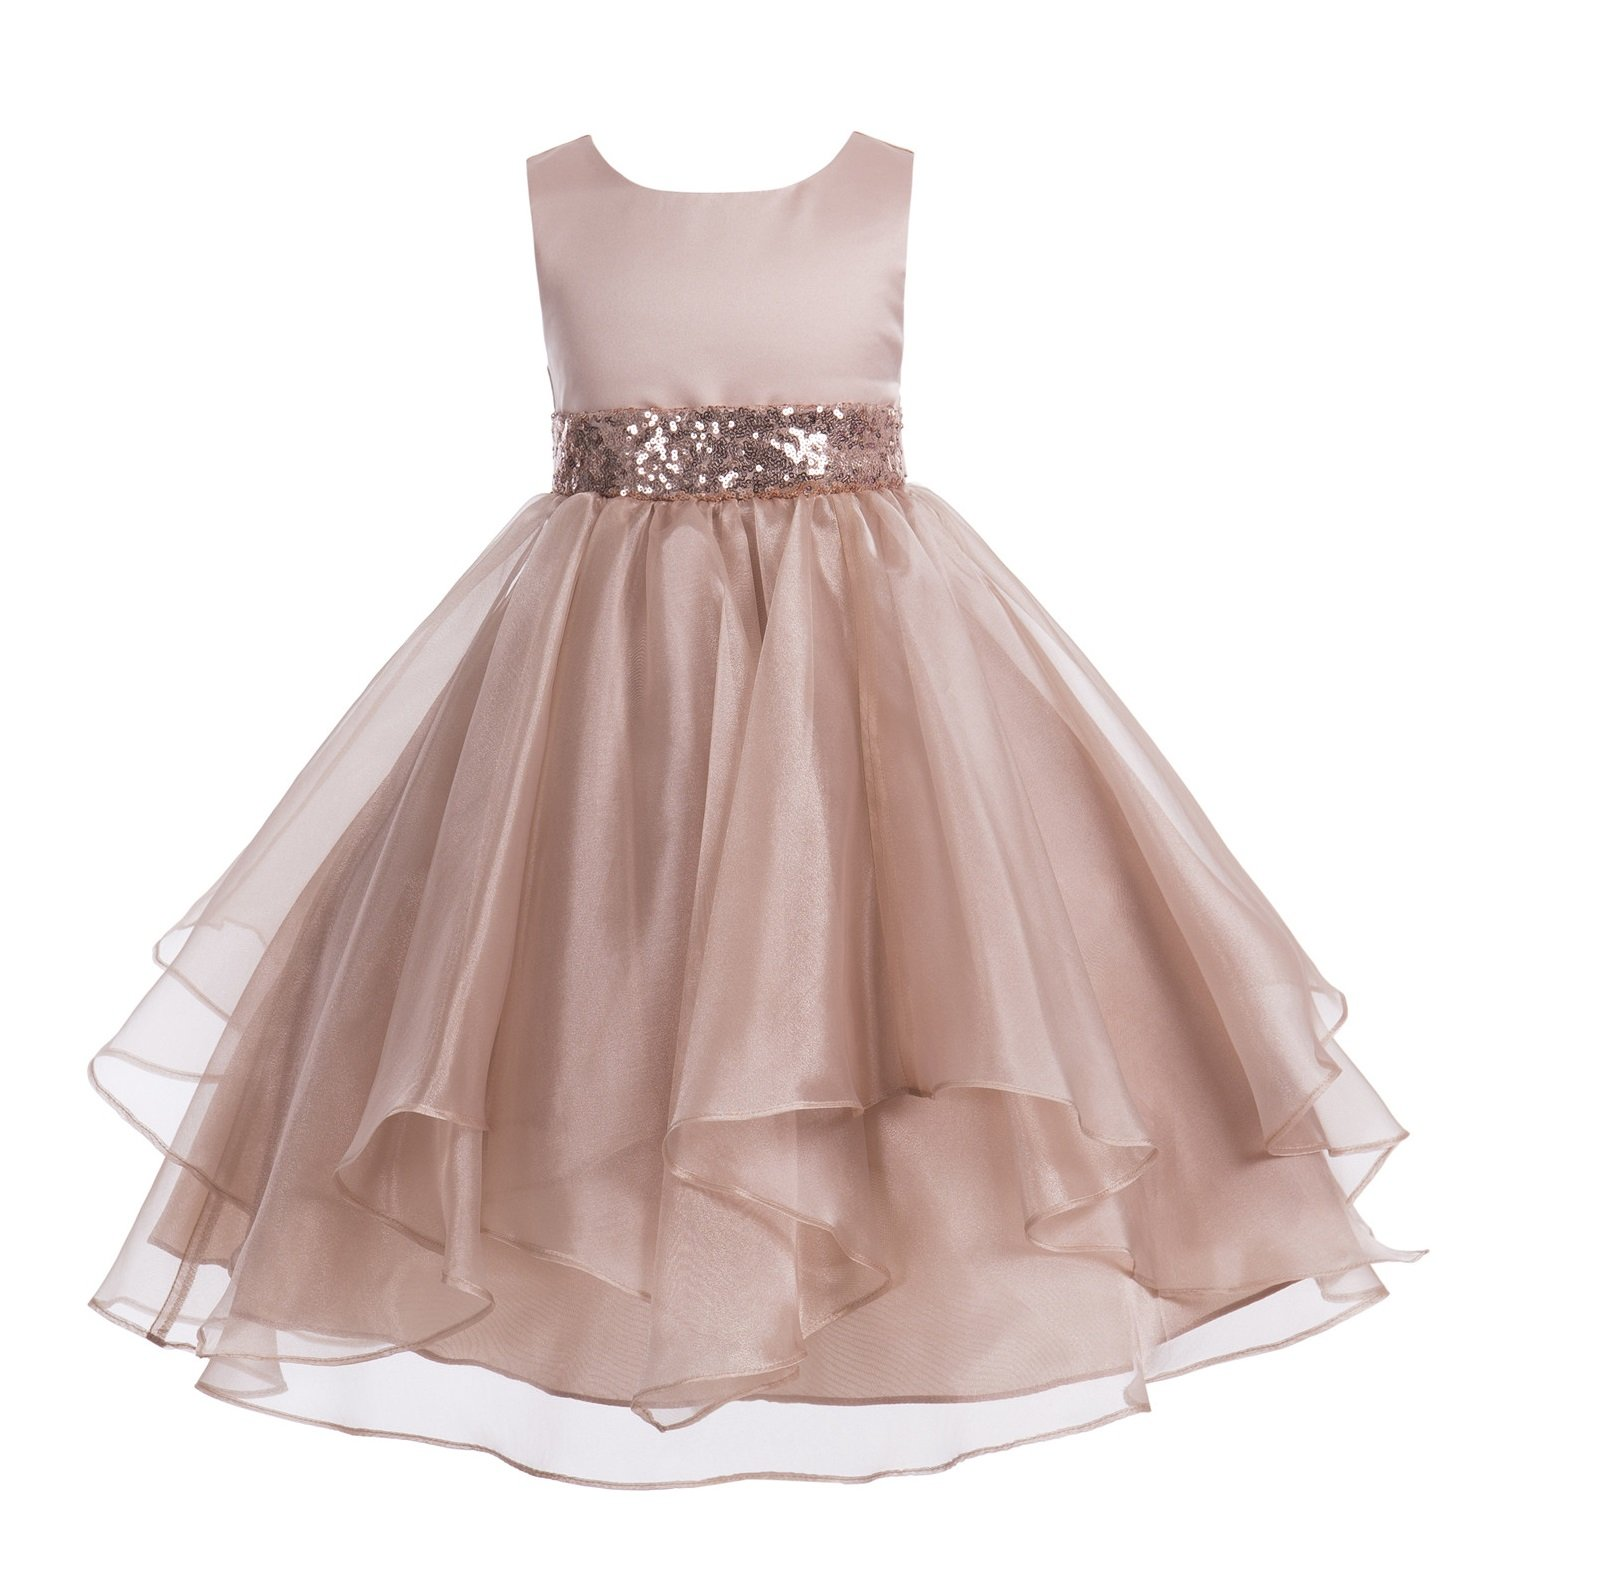 Tütükleid Toddler Girls Petals Organza GEBURSTAG Christening Party Dress